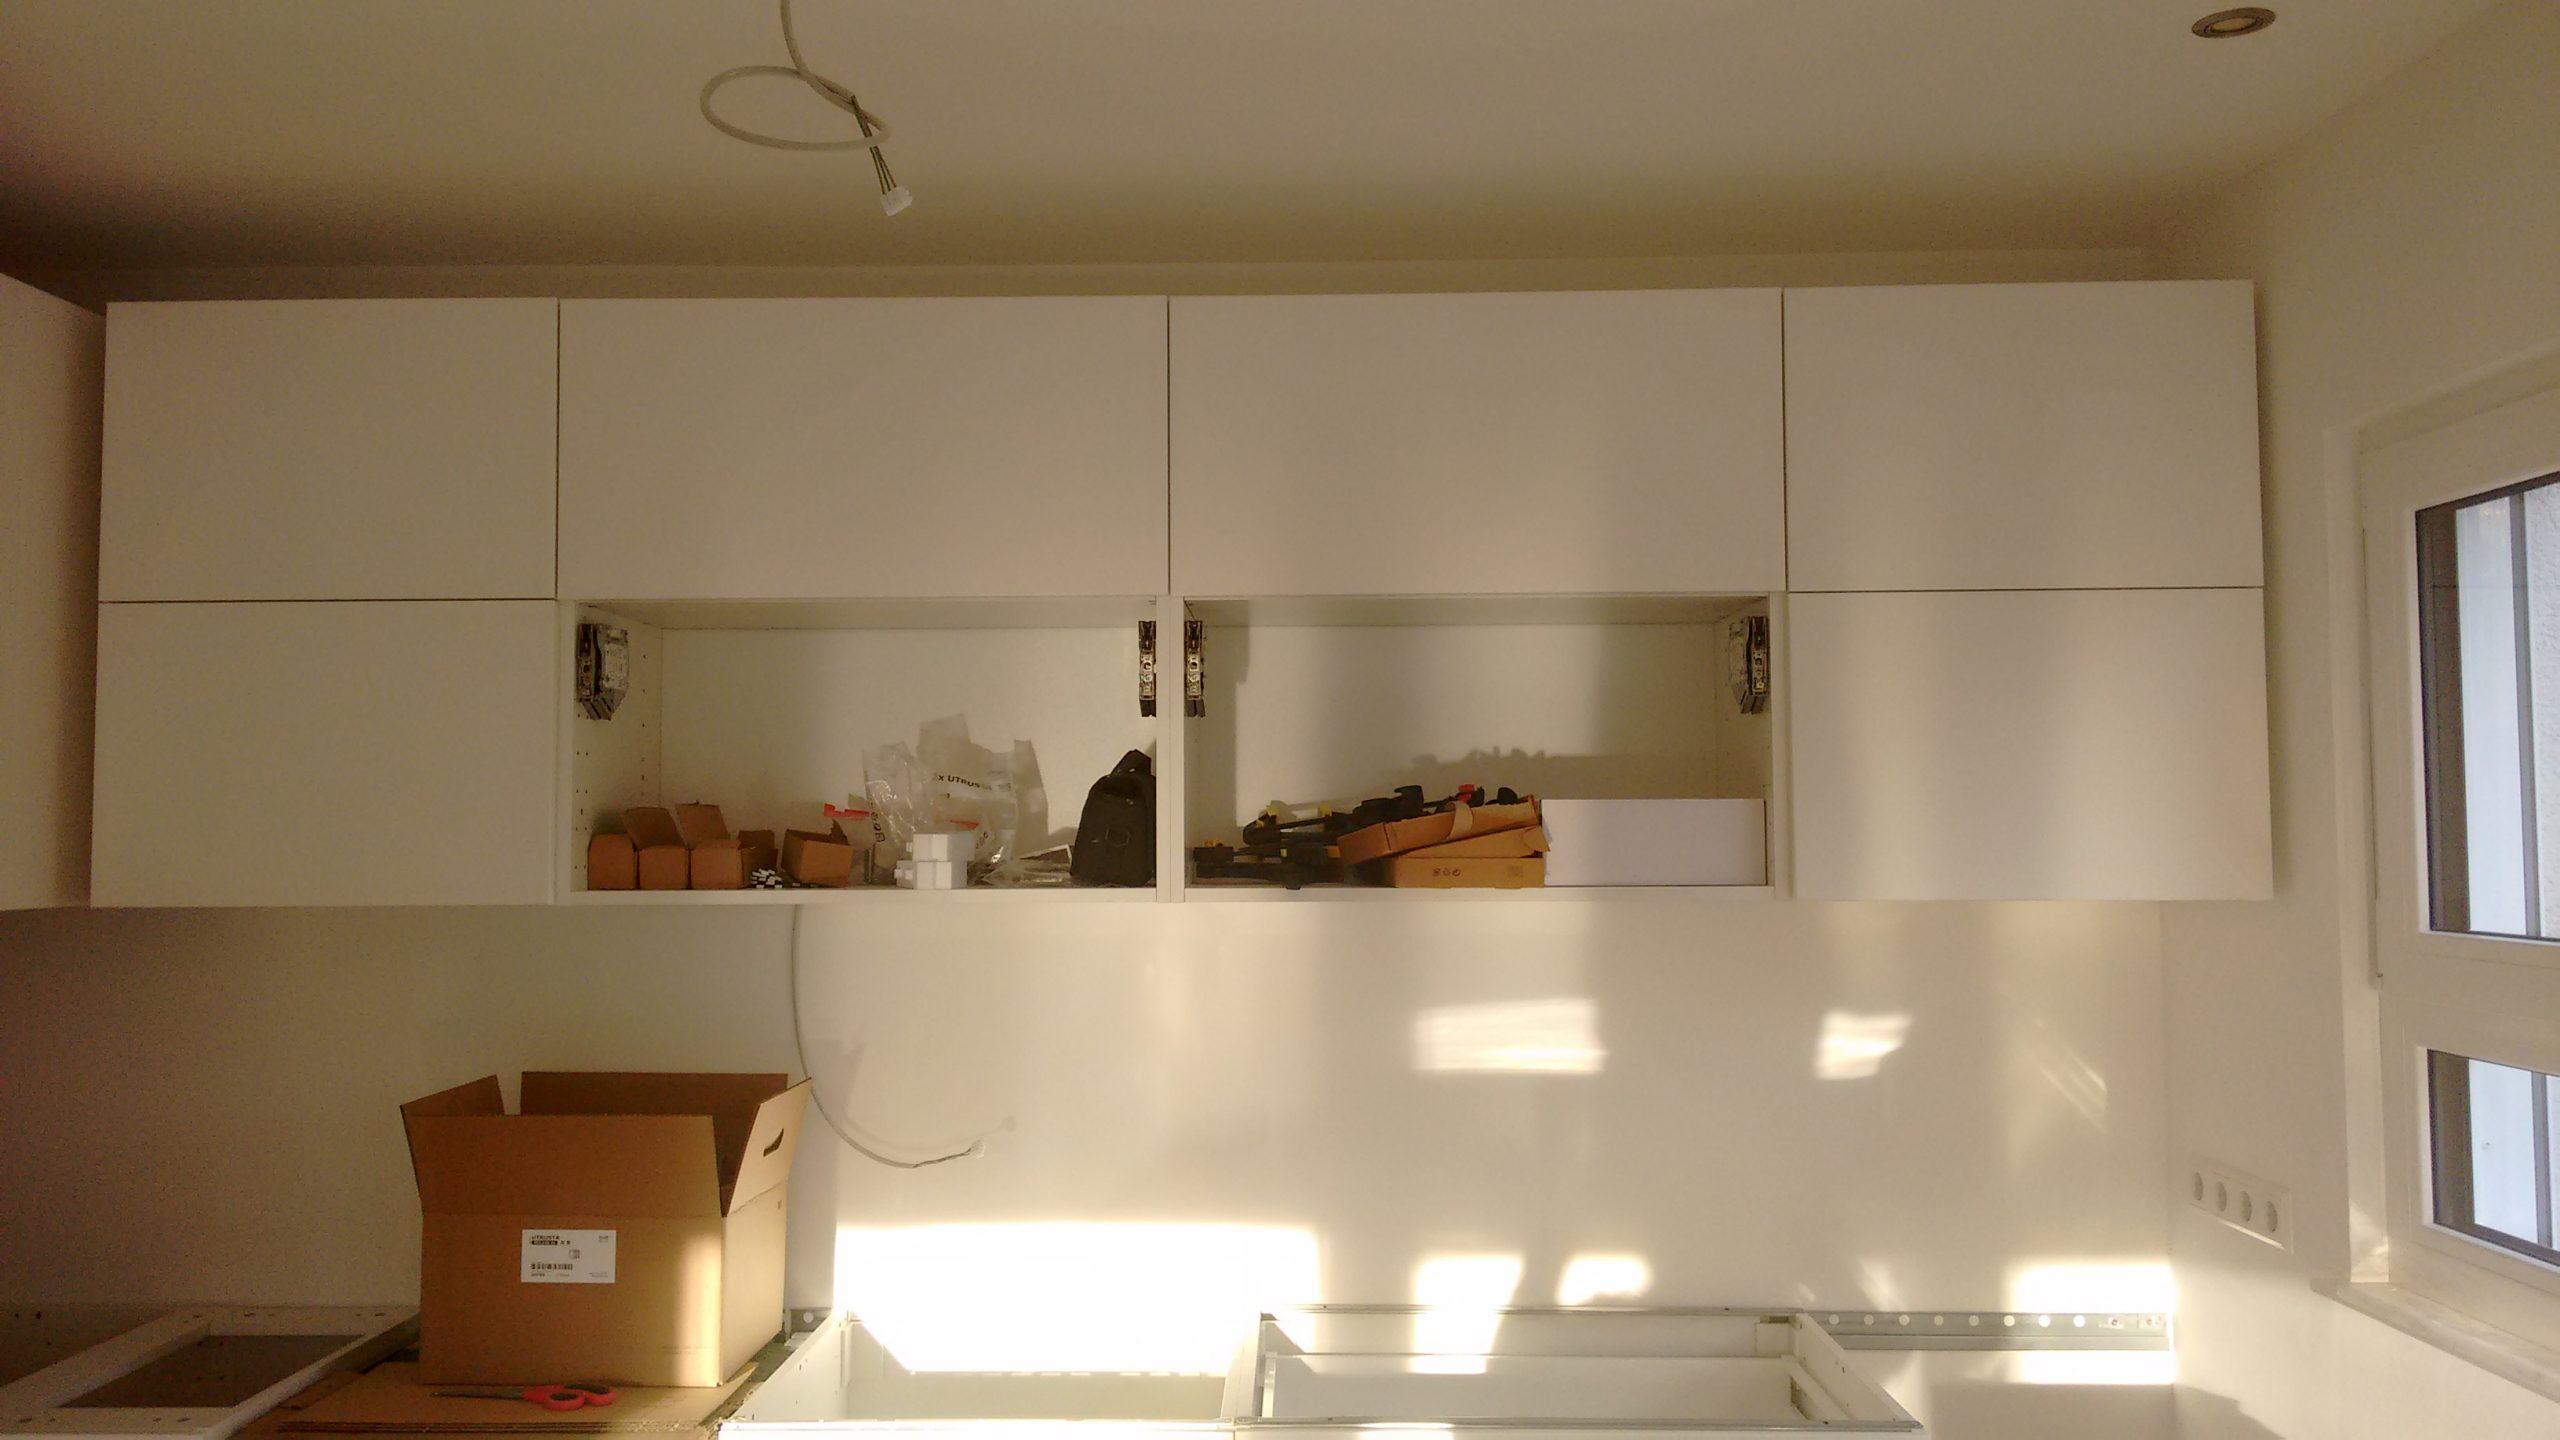 Full Size of Apothekerschrank Ikea Metod Ein Erfahrungsbericht Projekt Sofa Mit Schlaffunktion Küche Kosten Betten 160x200 Kaufen Bei Miniküche Modulküche Wohnzimmer Apothekerschrank Ikea